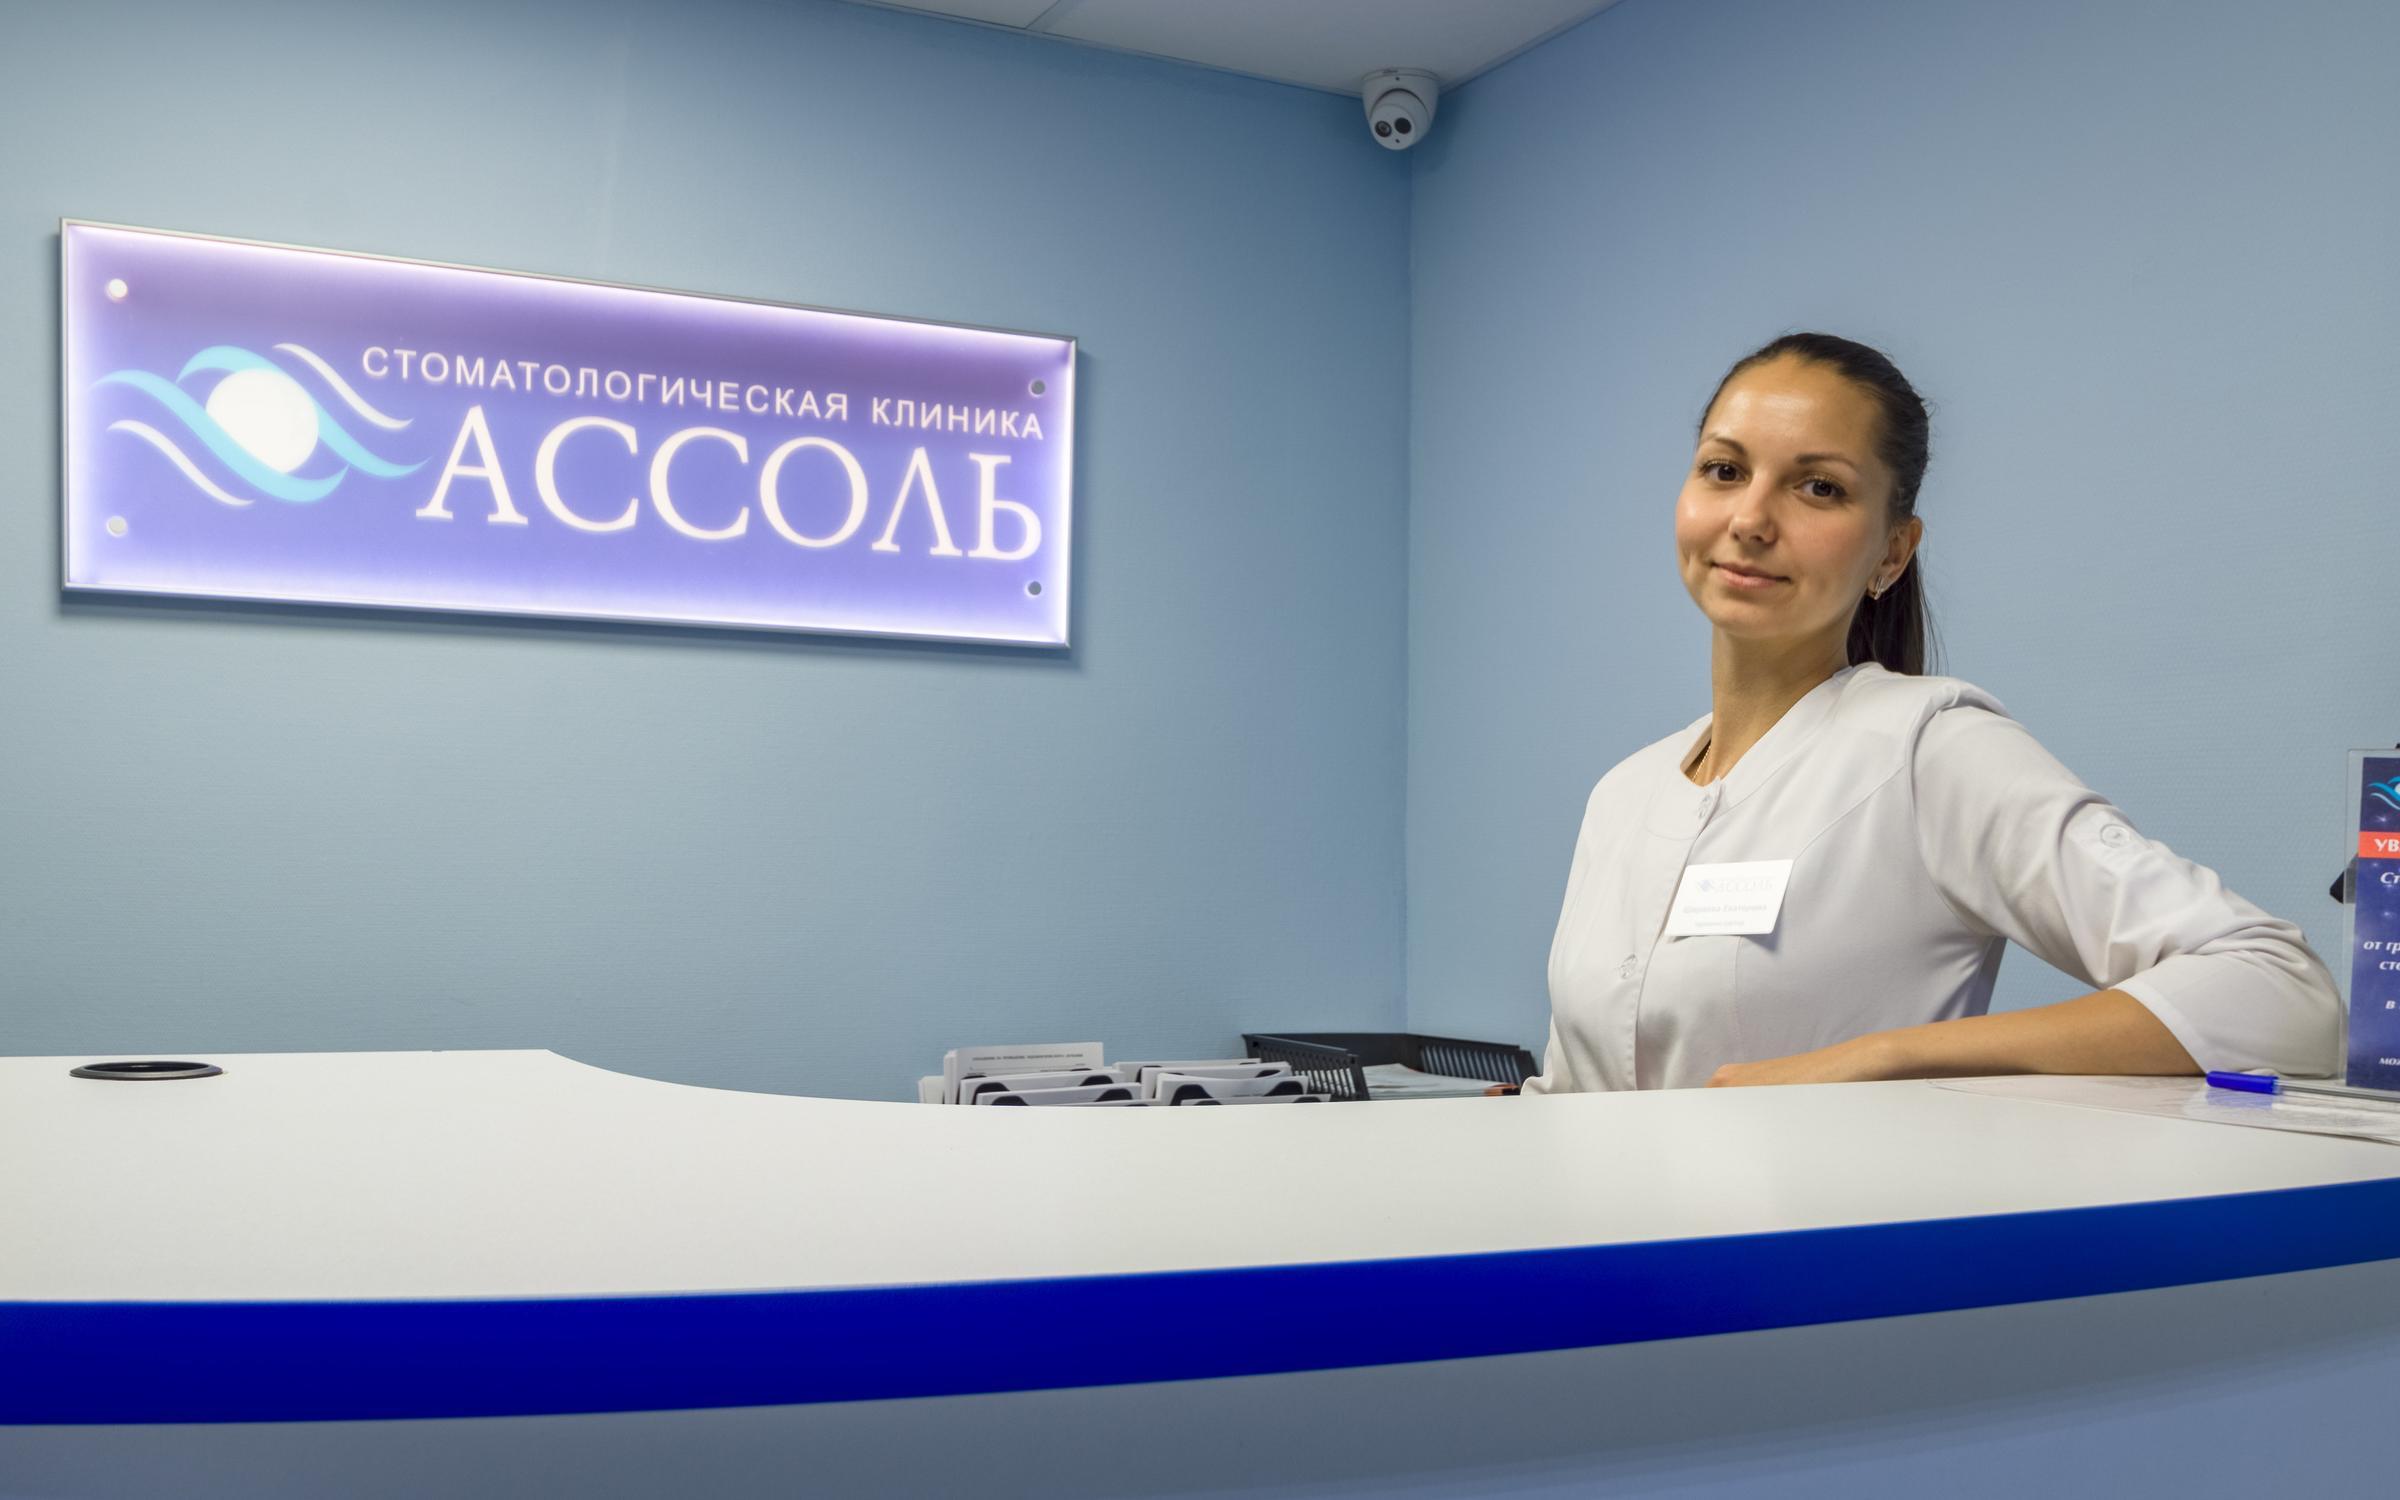 фотография Стоматологической клиники Ассоль в Сормовском районе